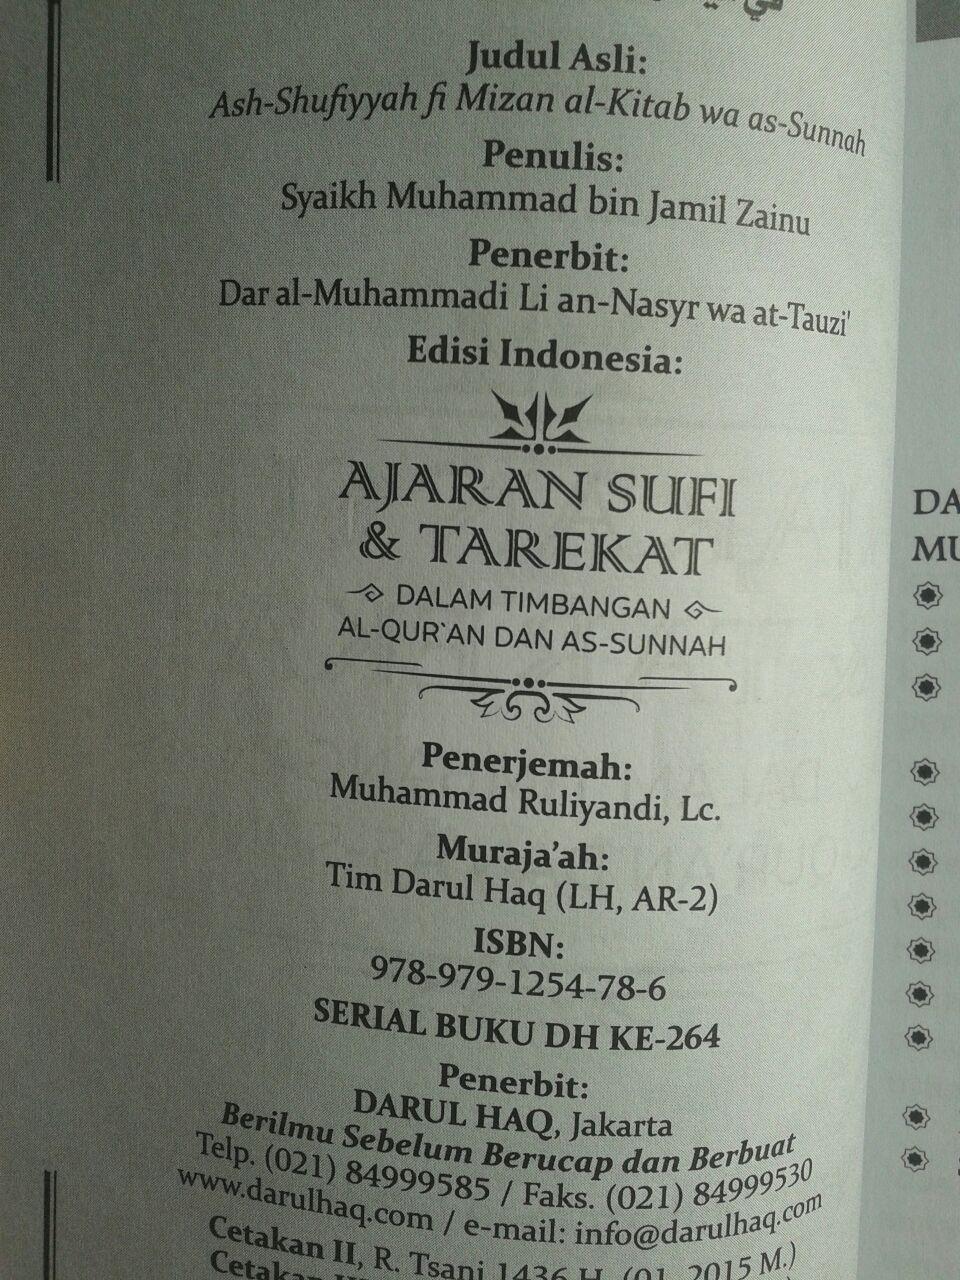 Buku Ajaran Sufi Dan Tarekat Dalam Timbangan Al-Quran Dan As-Sunnah isi 3